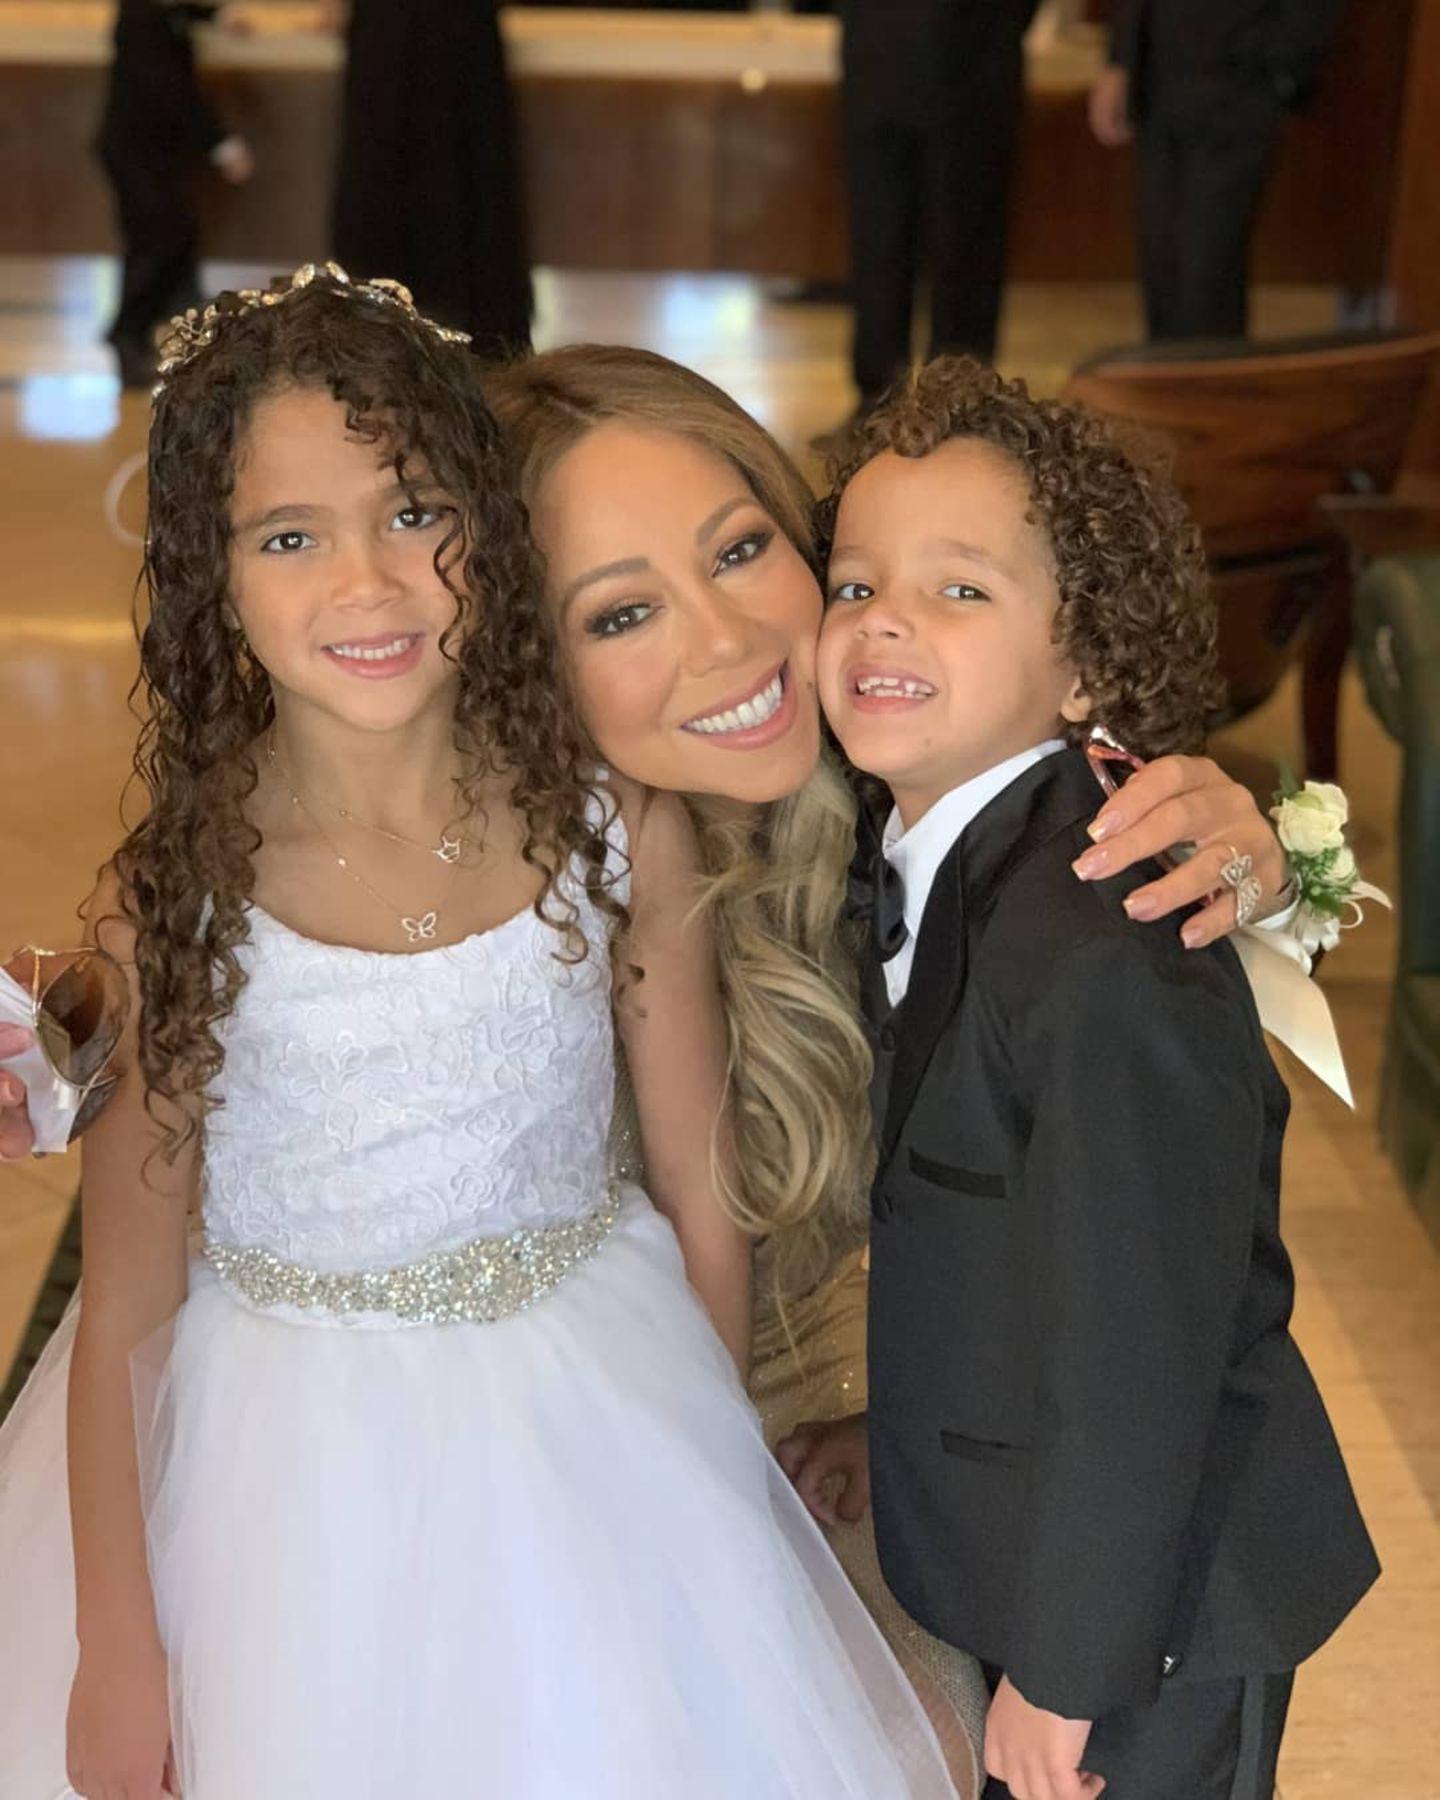 Für eine Feier eines Freundes haben sich Mariah Carey und ihre Zwillinge Morrocan und Monroe so richtig herausgeputzt.